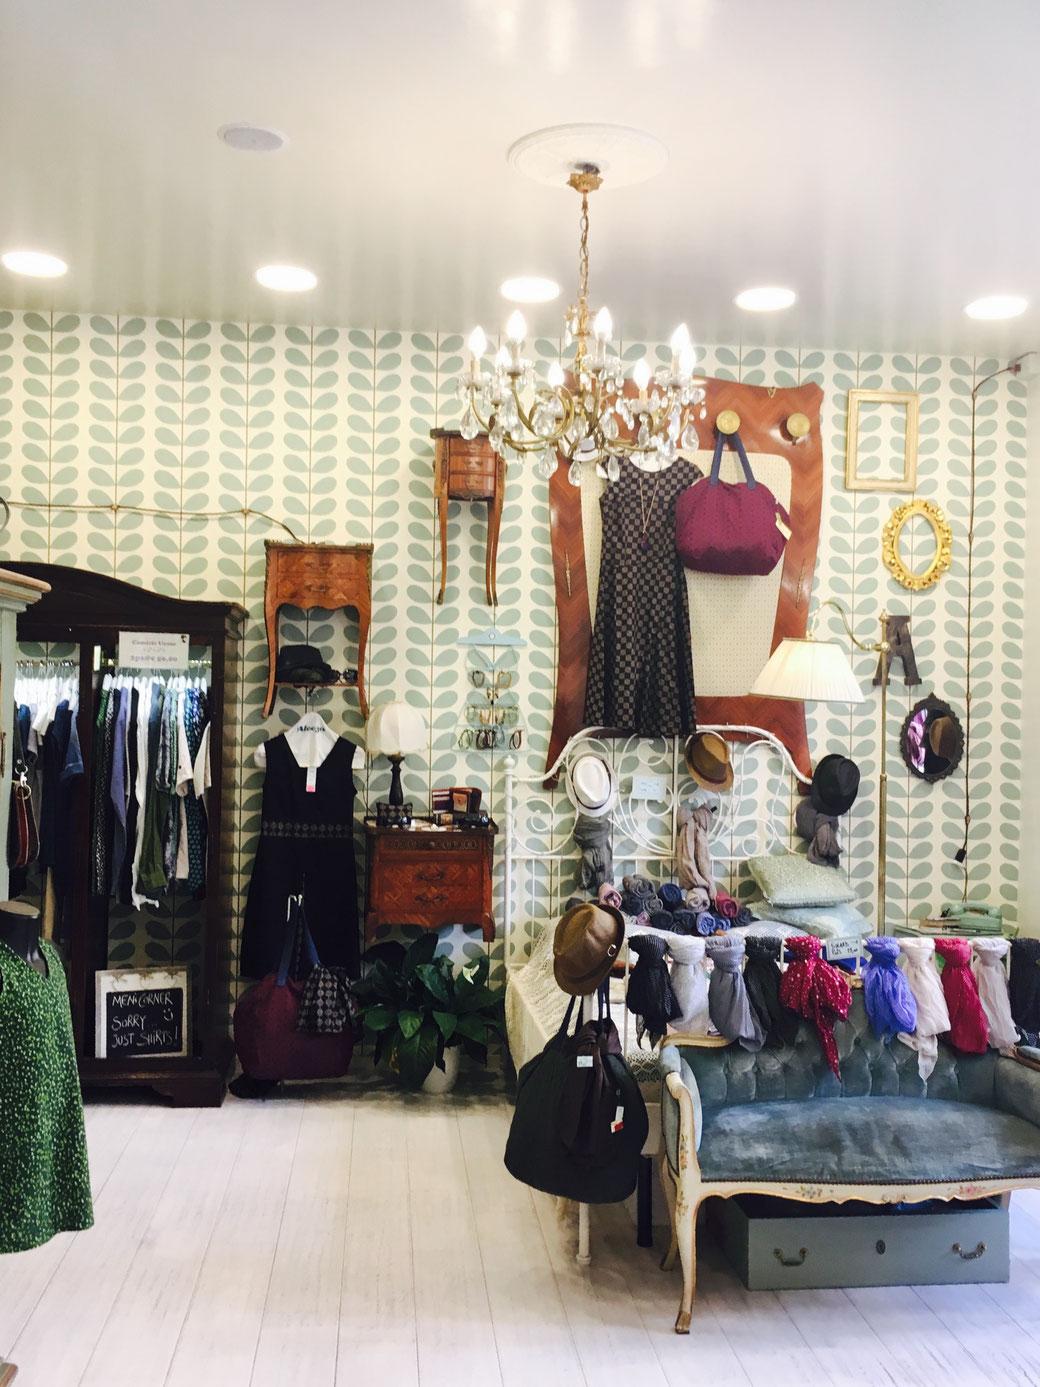 So schön! - Der Aleeza-Store auf der noblen Via Cola di Rienzo.